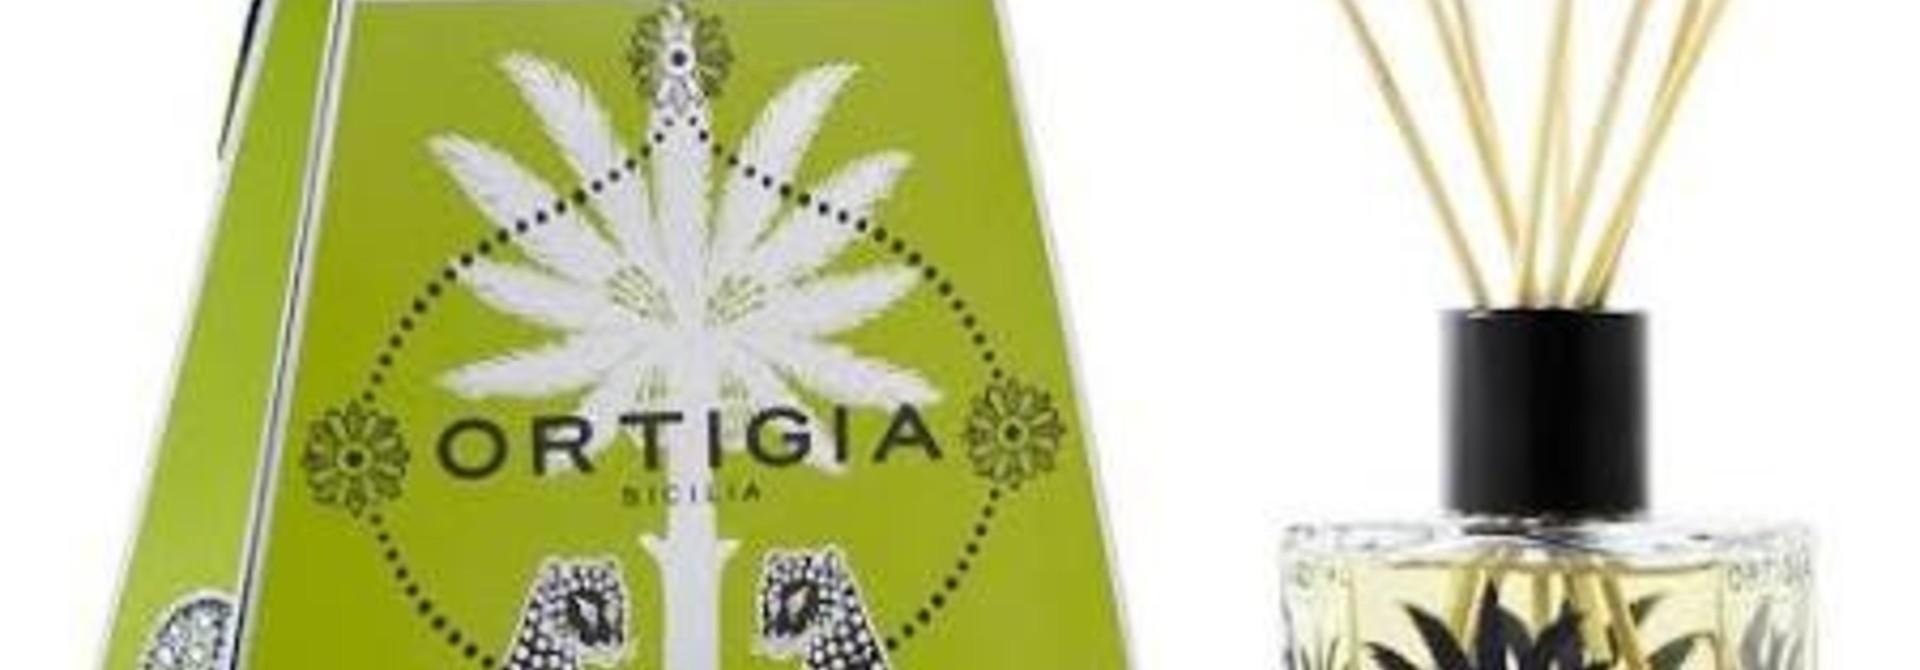 Ortigia sicilia diffuser Lime 100ml